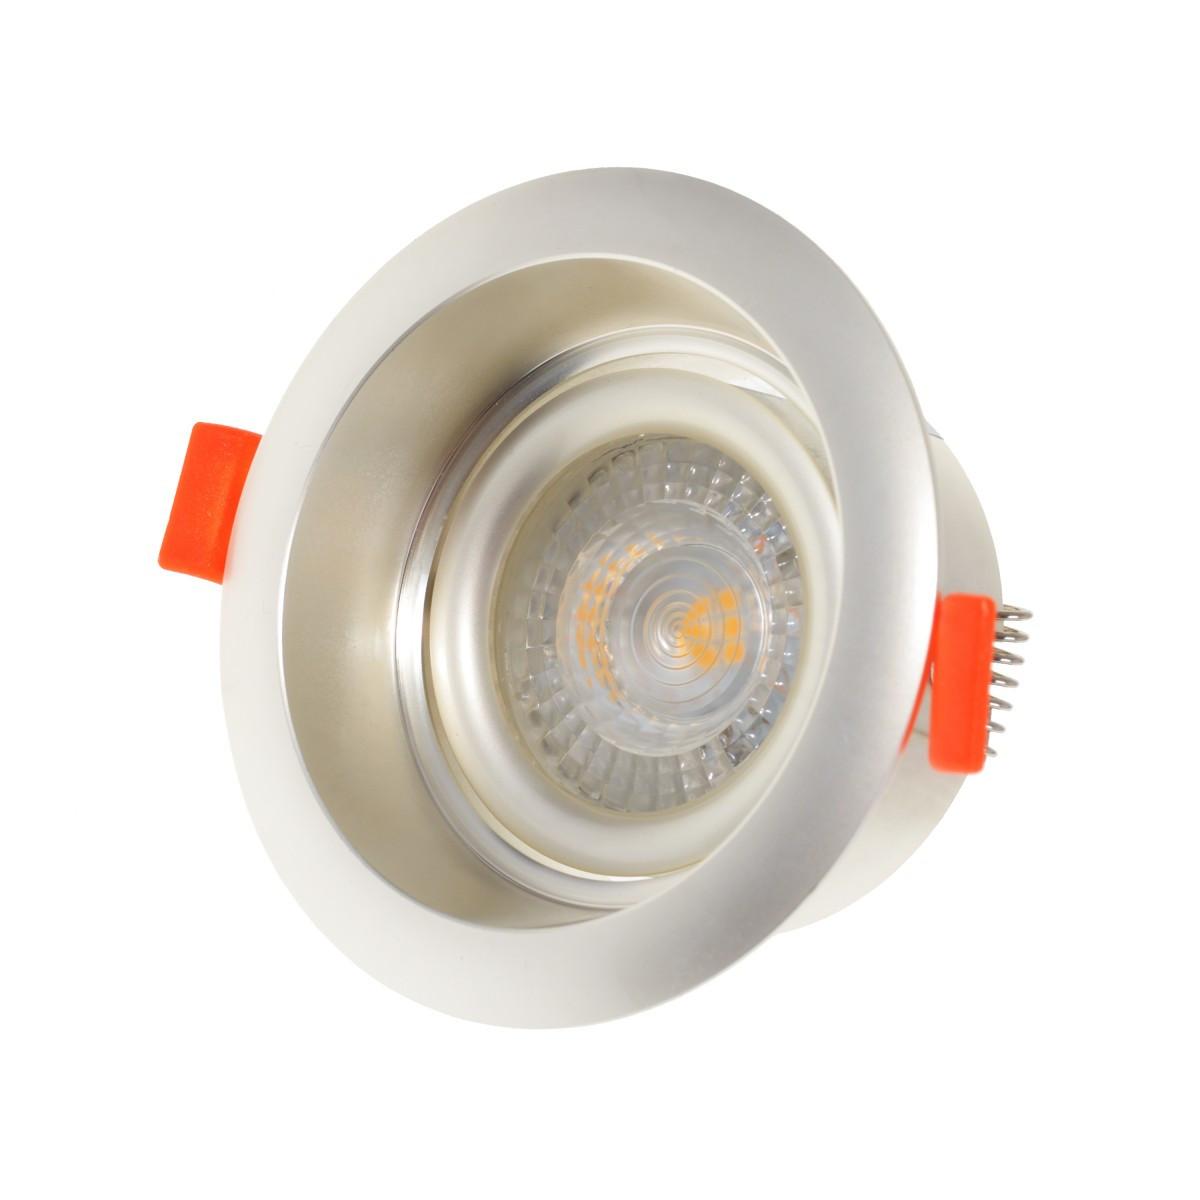 HDL-DT 92 GU5.3 PSL точечный светильник